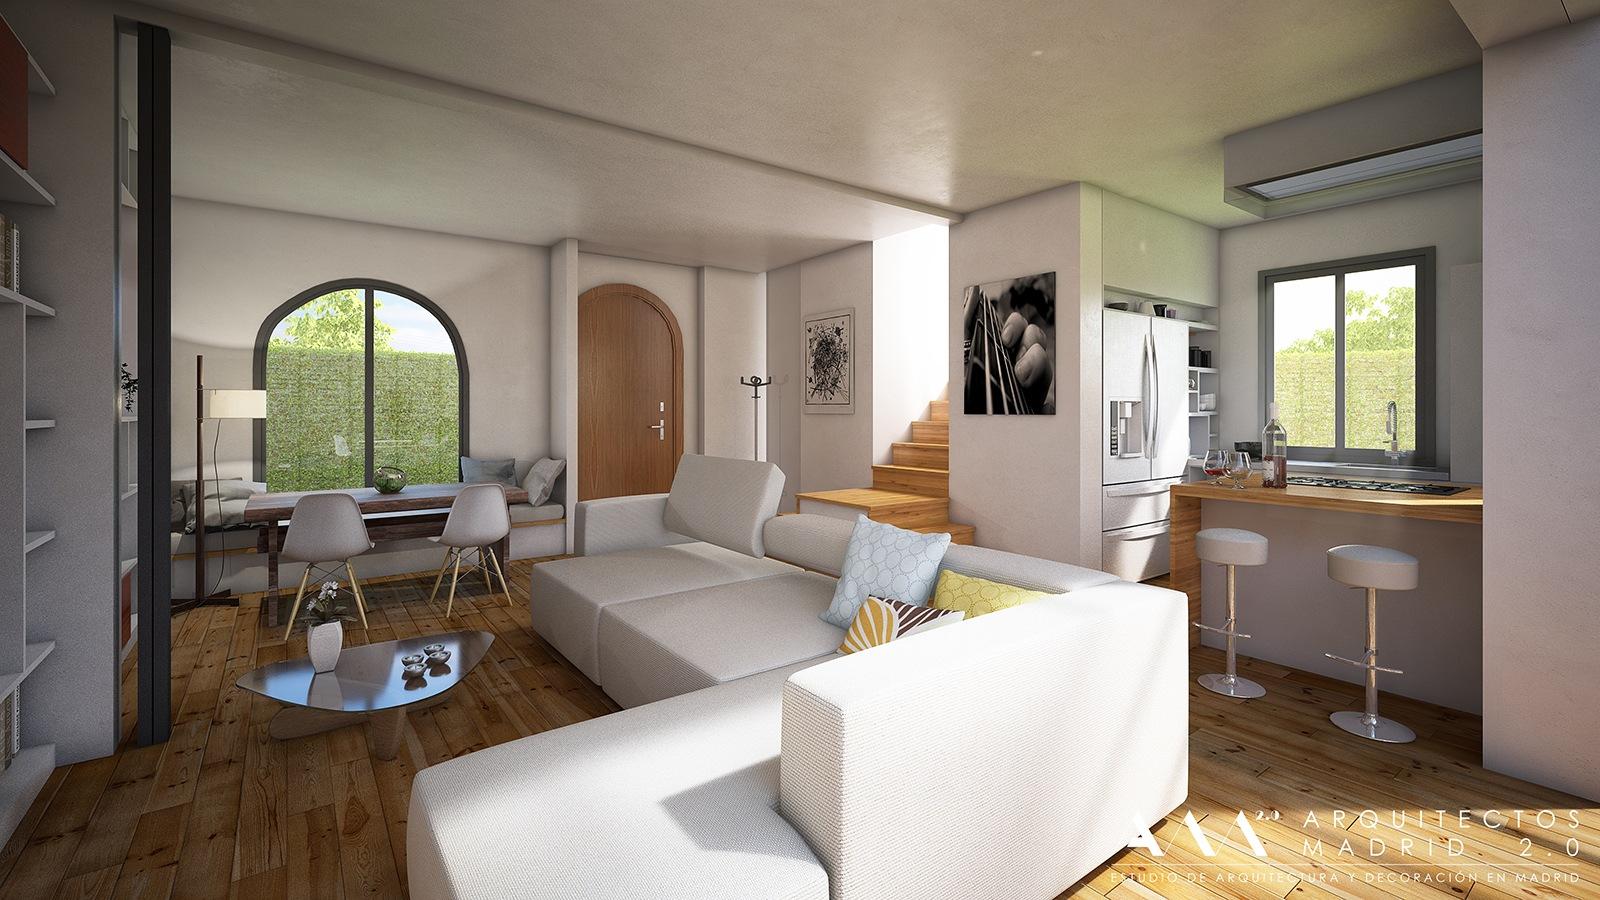 Hablando de arquitectura con arquitectos madrid 2 0 - Arquitectura de interiores madrid ...